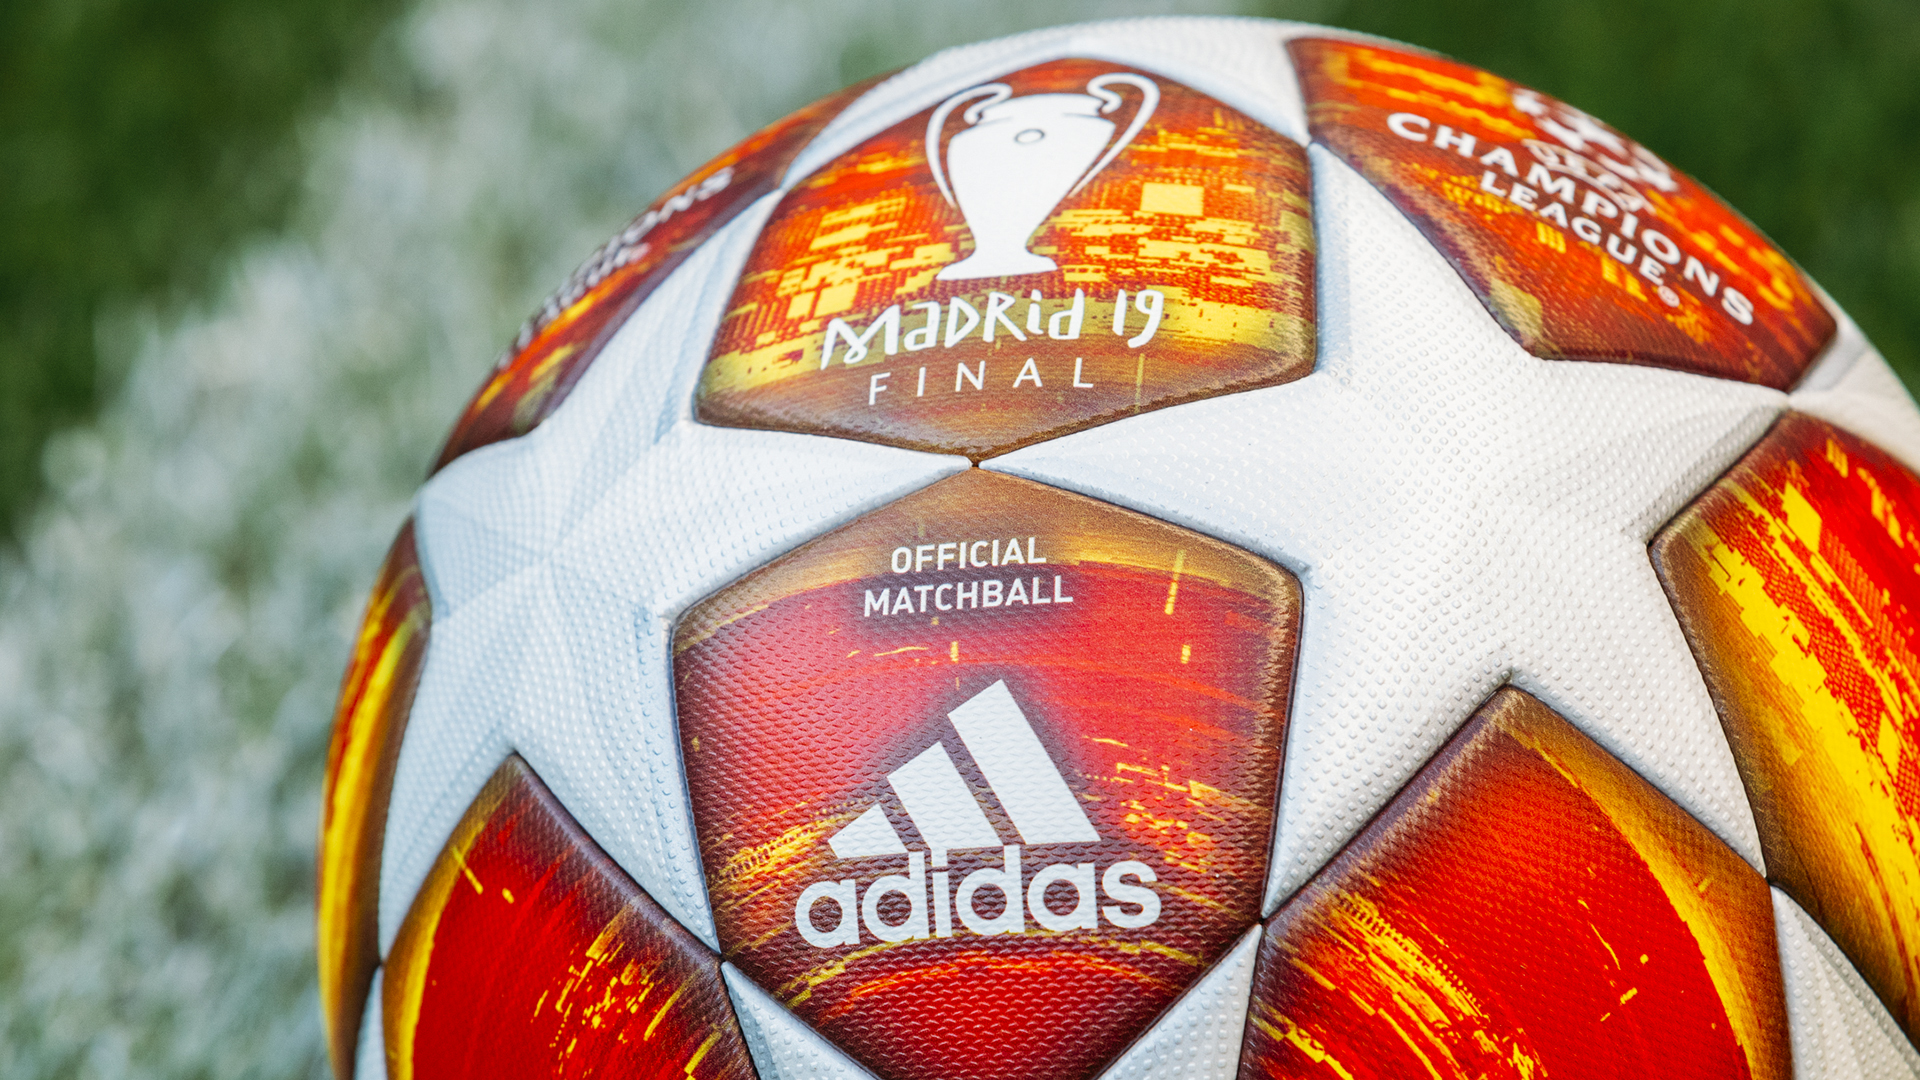 ¡Es bellísimo! Con este balón se jugará la Final de la Champions League